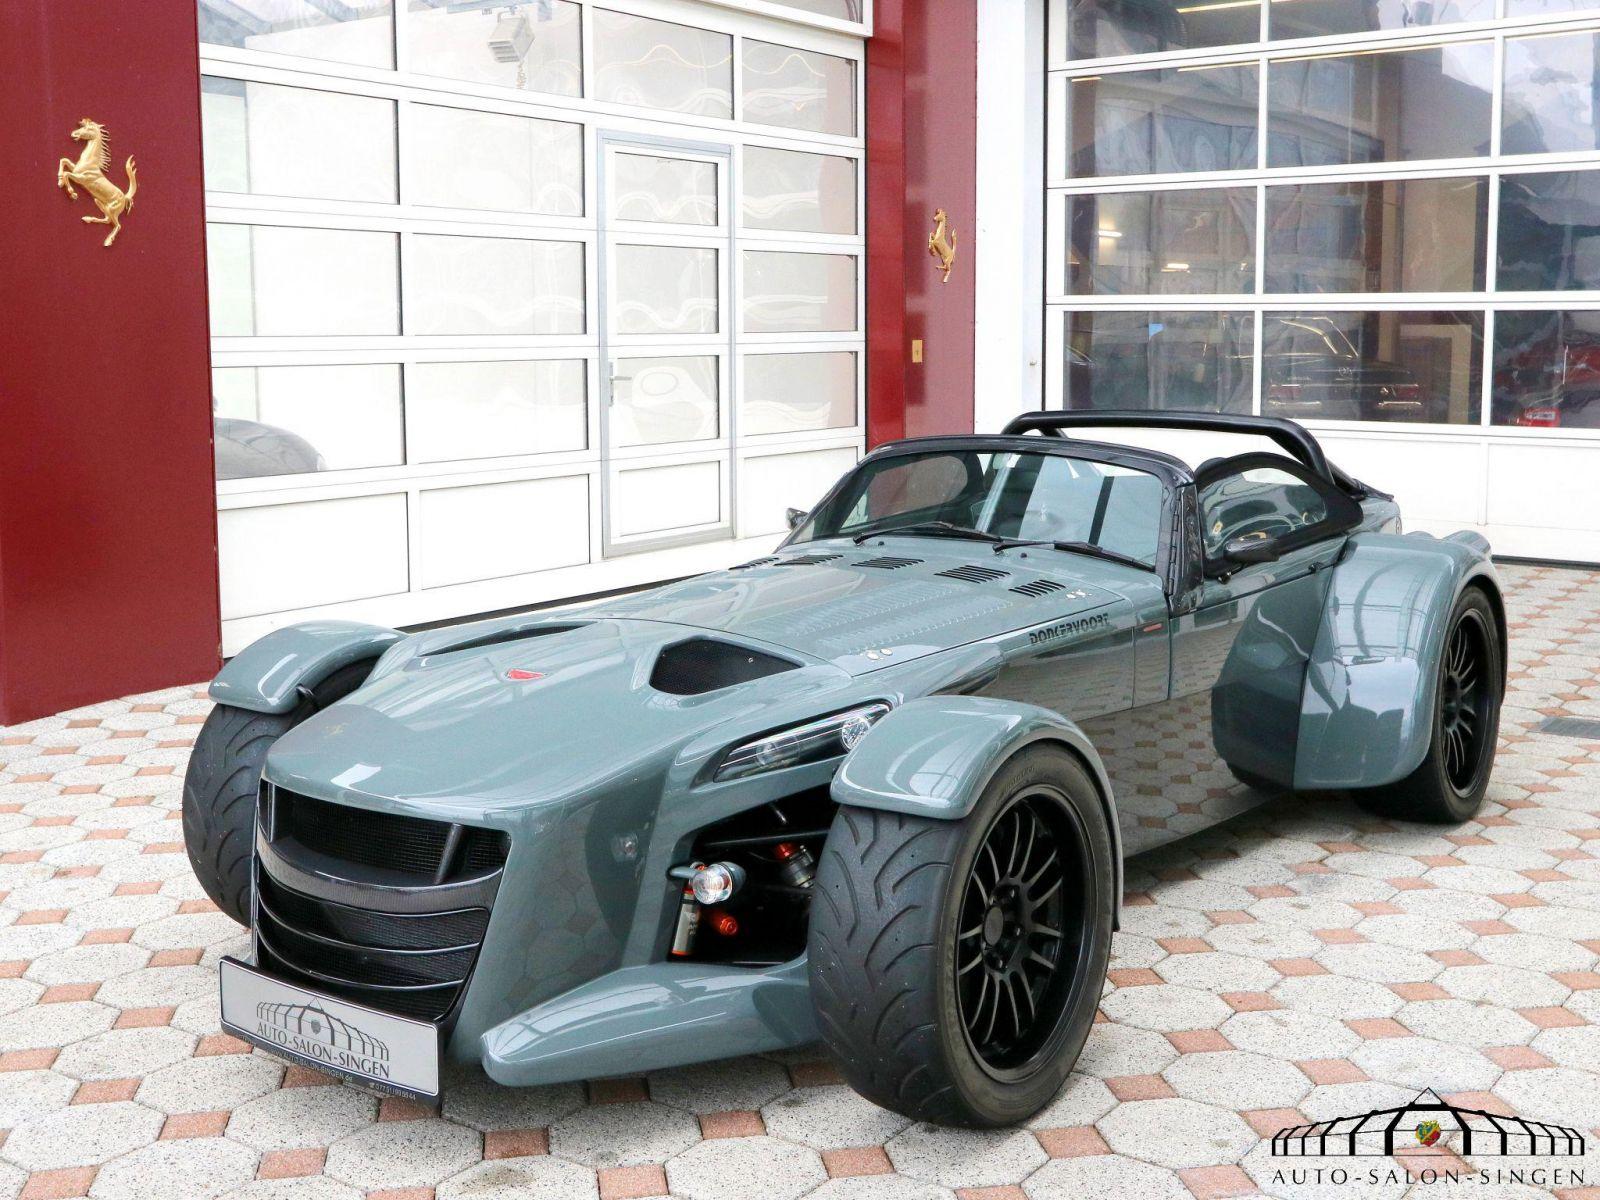 donkervoort d8 gto roadster auto salon singen. Black Bedroom Furniture Sets. Home Design Ideas